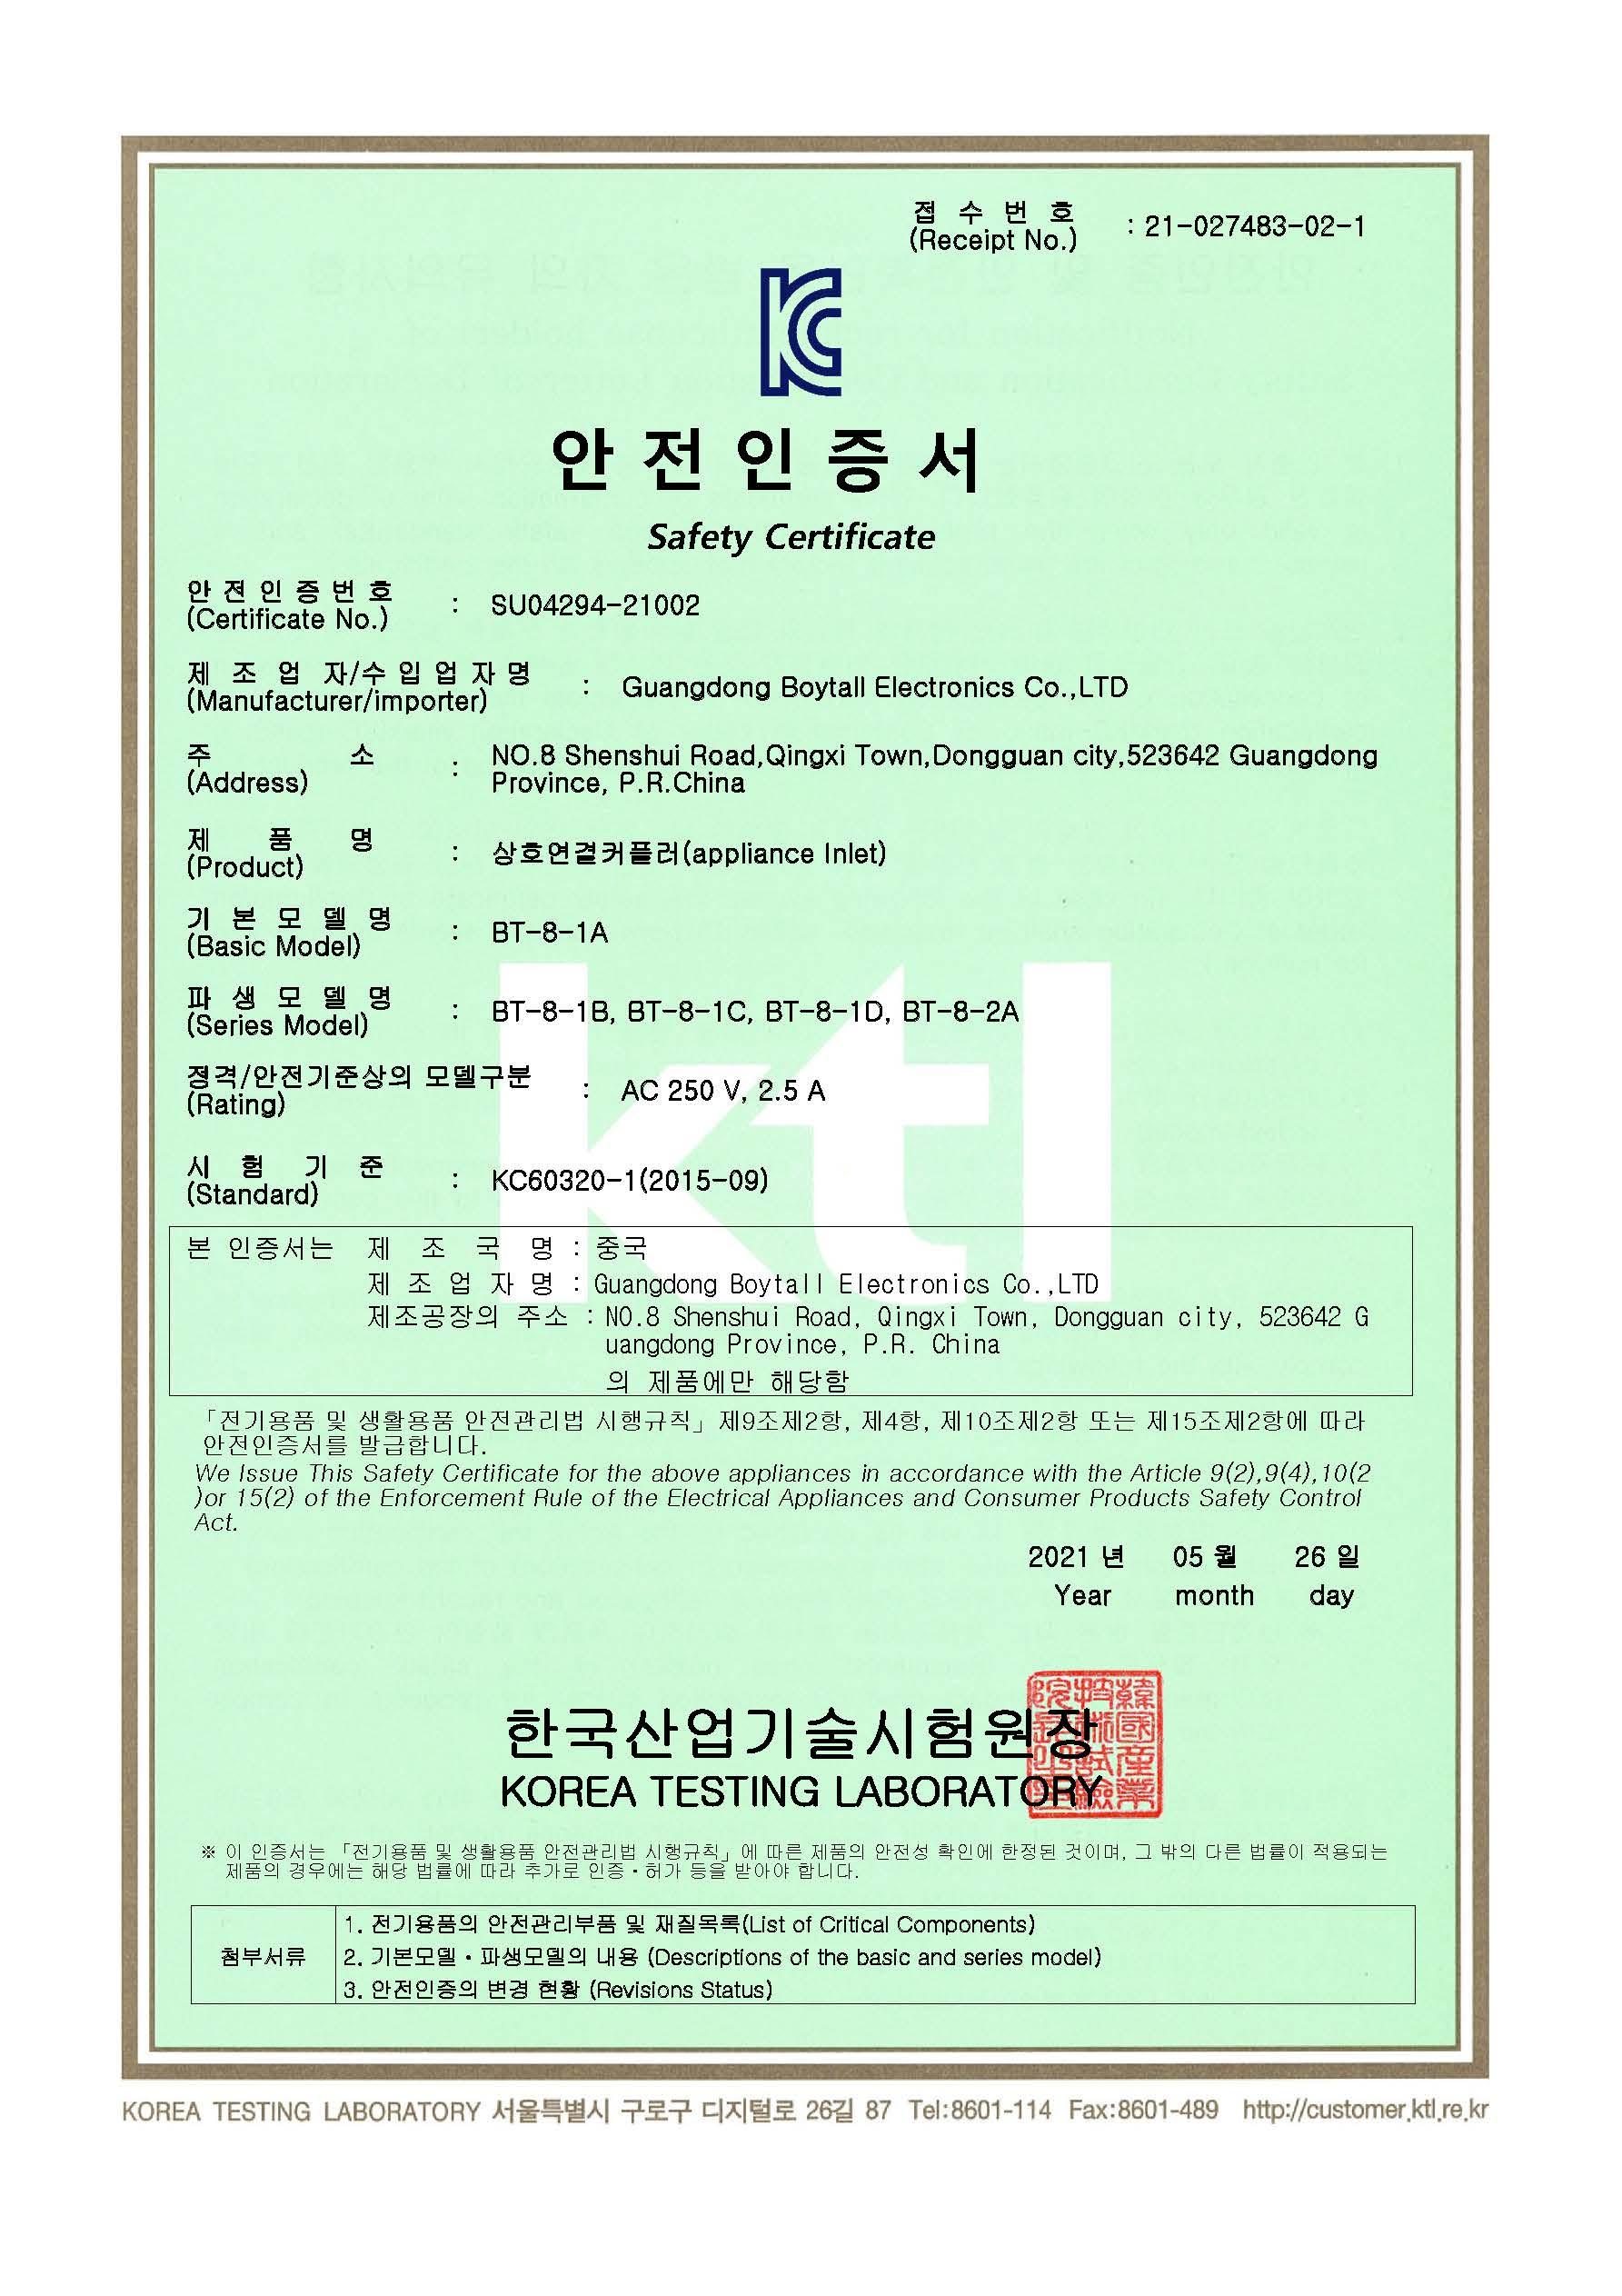 博滔八字座韩国KC证书认证下来啦!